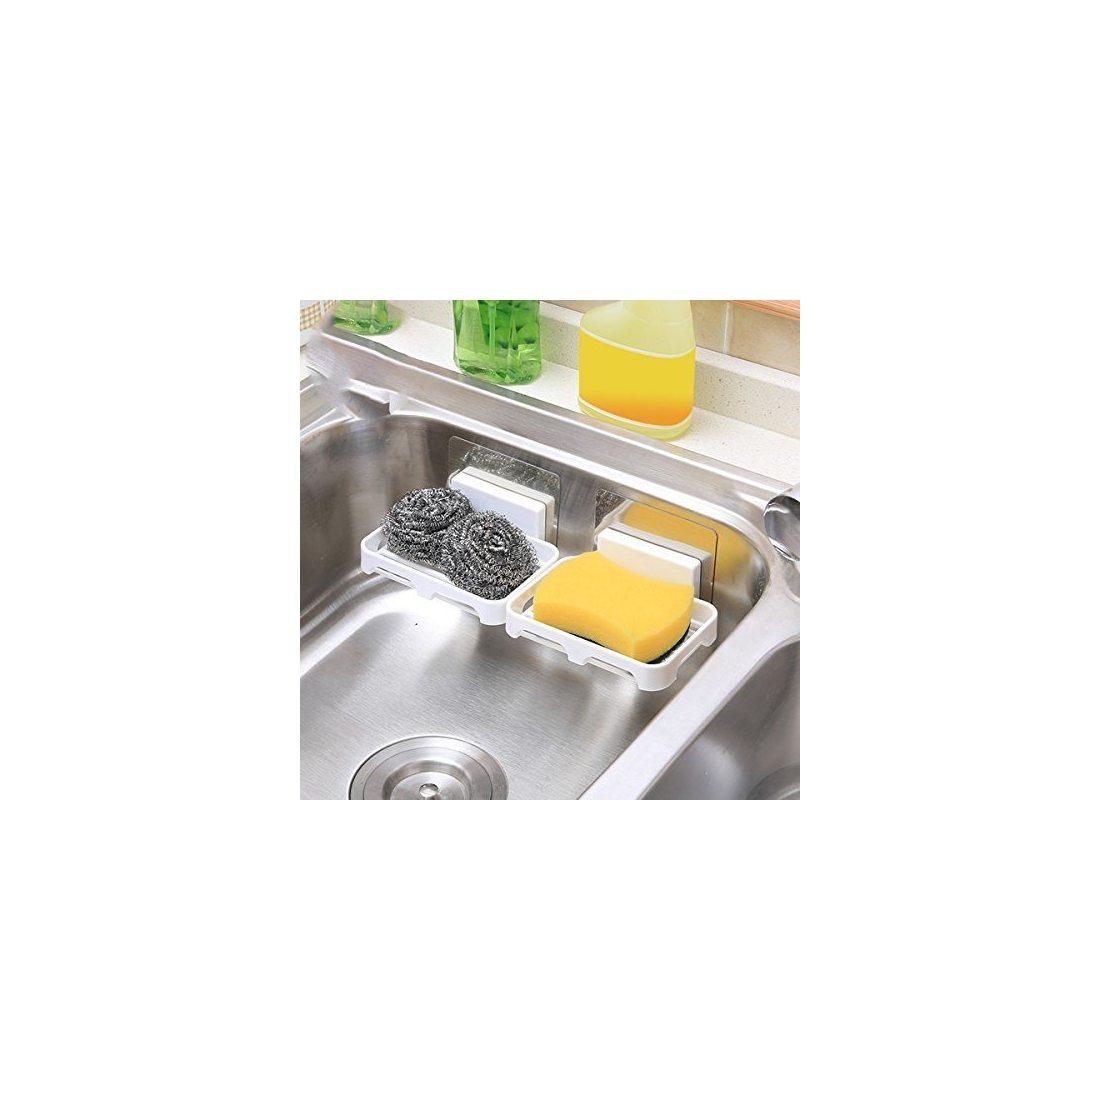 Facile fixer kurelle porte savon salle de bain support eponge plastique produit vaisselle - Porte eponge et produit vaisselle ...